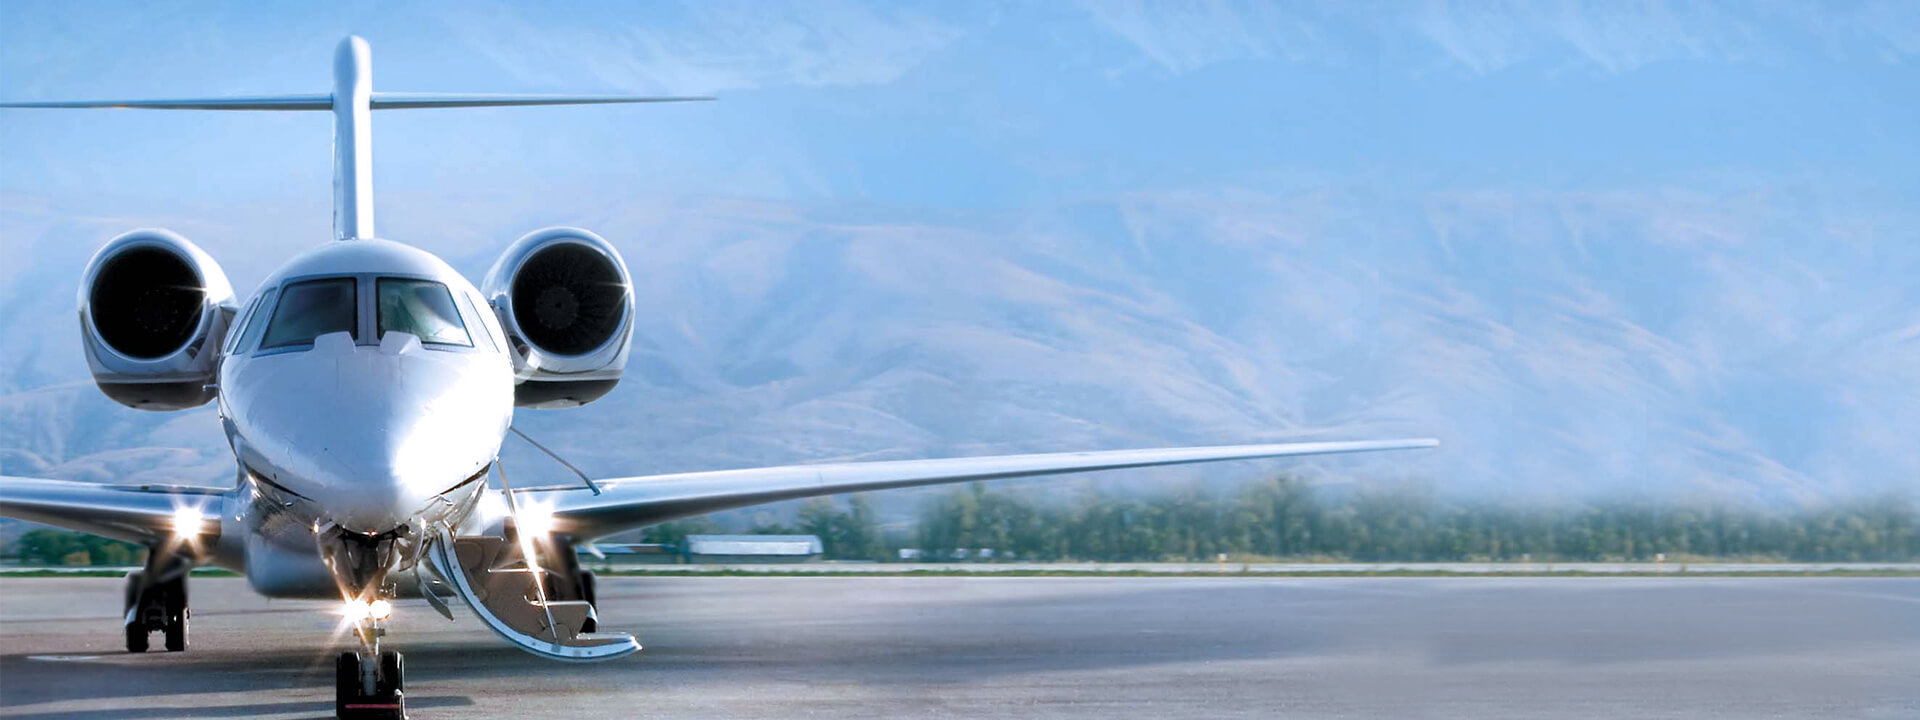 Jet Privato Bologna : Bologna jet privato finisce fuori pista chiuso l aeroporto